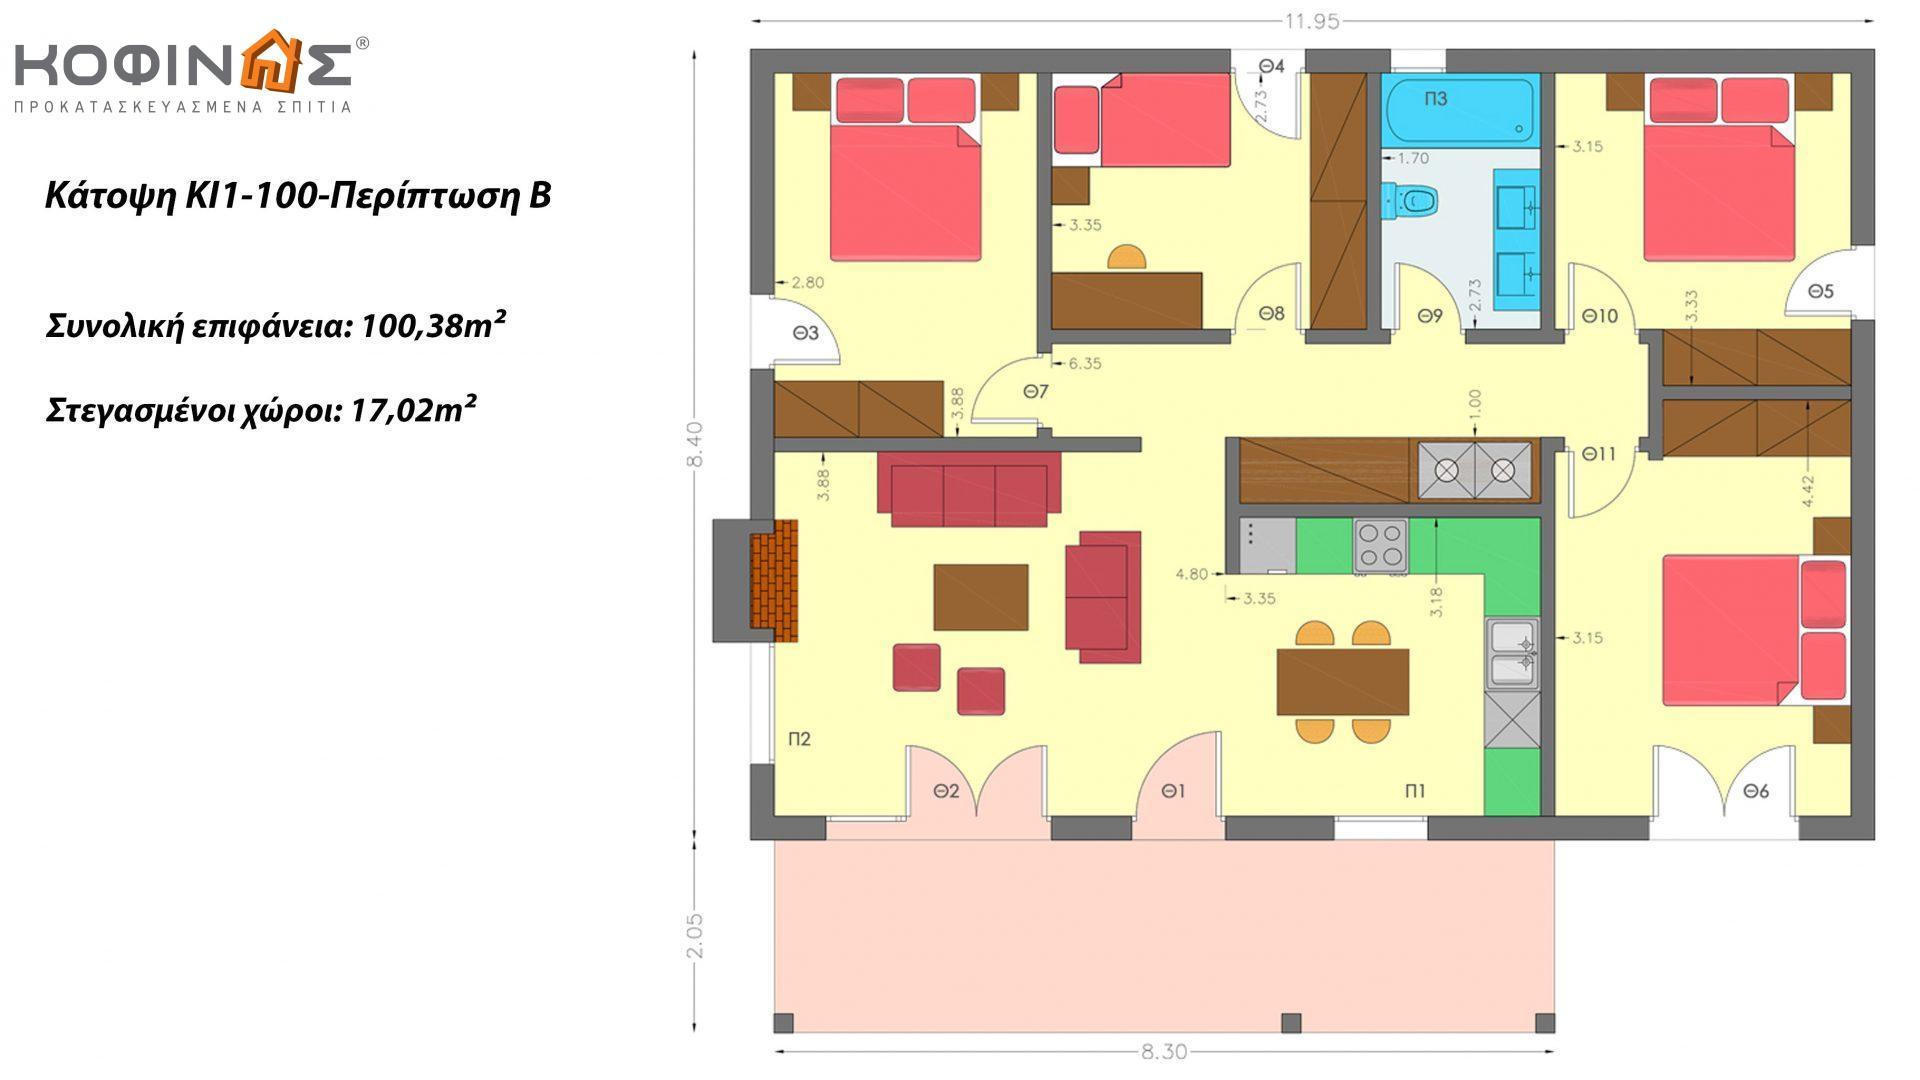 Ισόγεια Κατοικία ΚΙ1-100, συνολικής επιφάνειας 100,38 τ.μ.